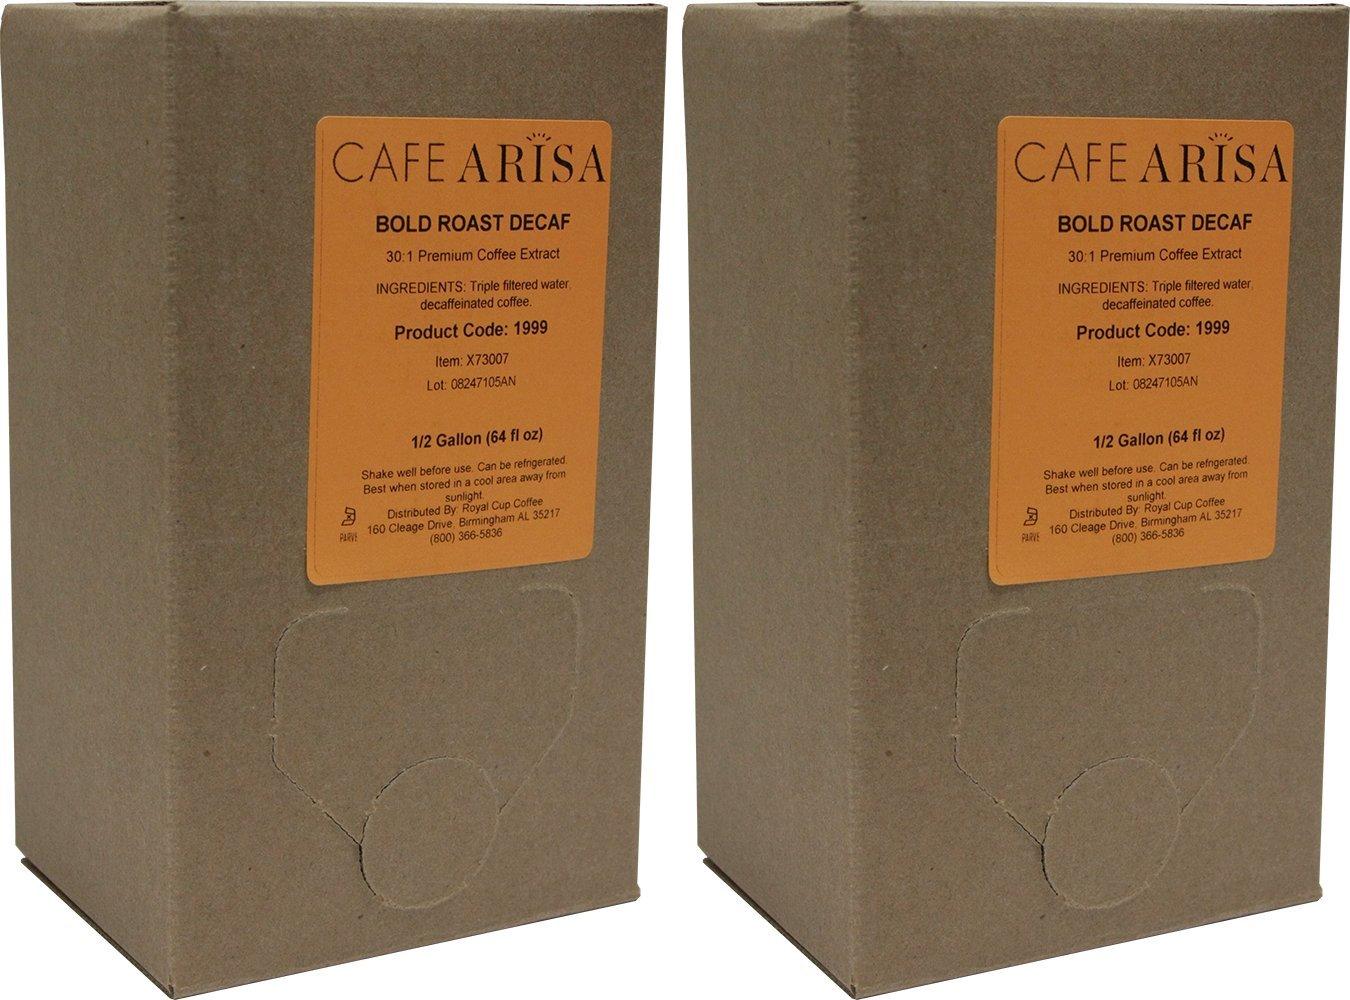 Cafe Arisa Bold Roast Decaf Liquid Coffee, 2 boxes (64 oz ea.)